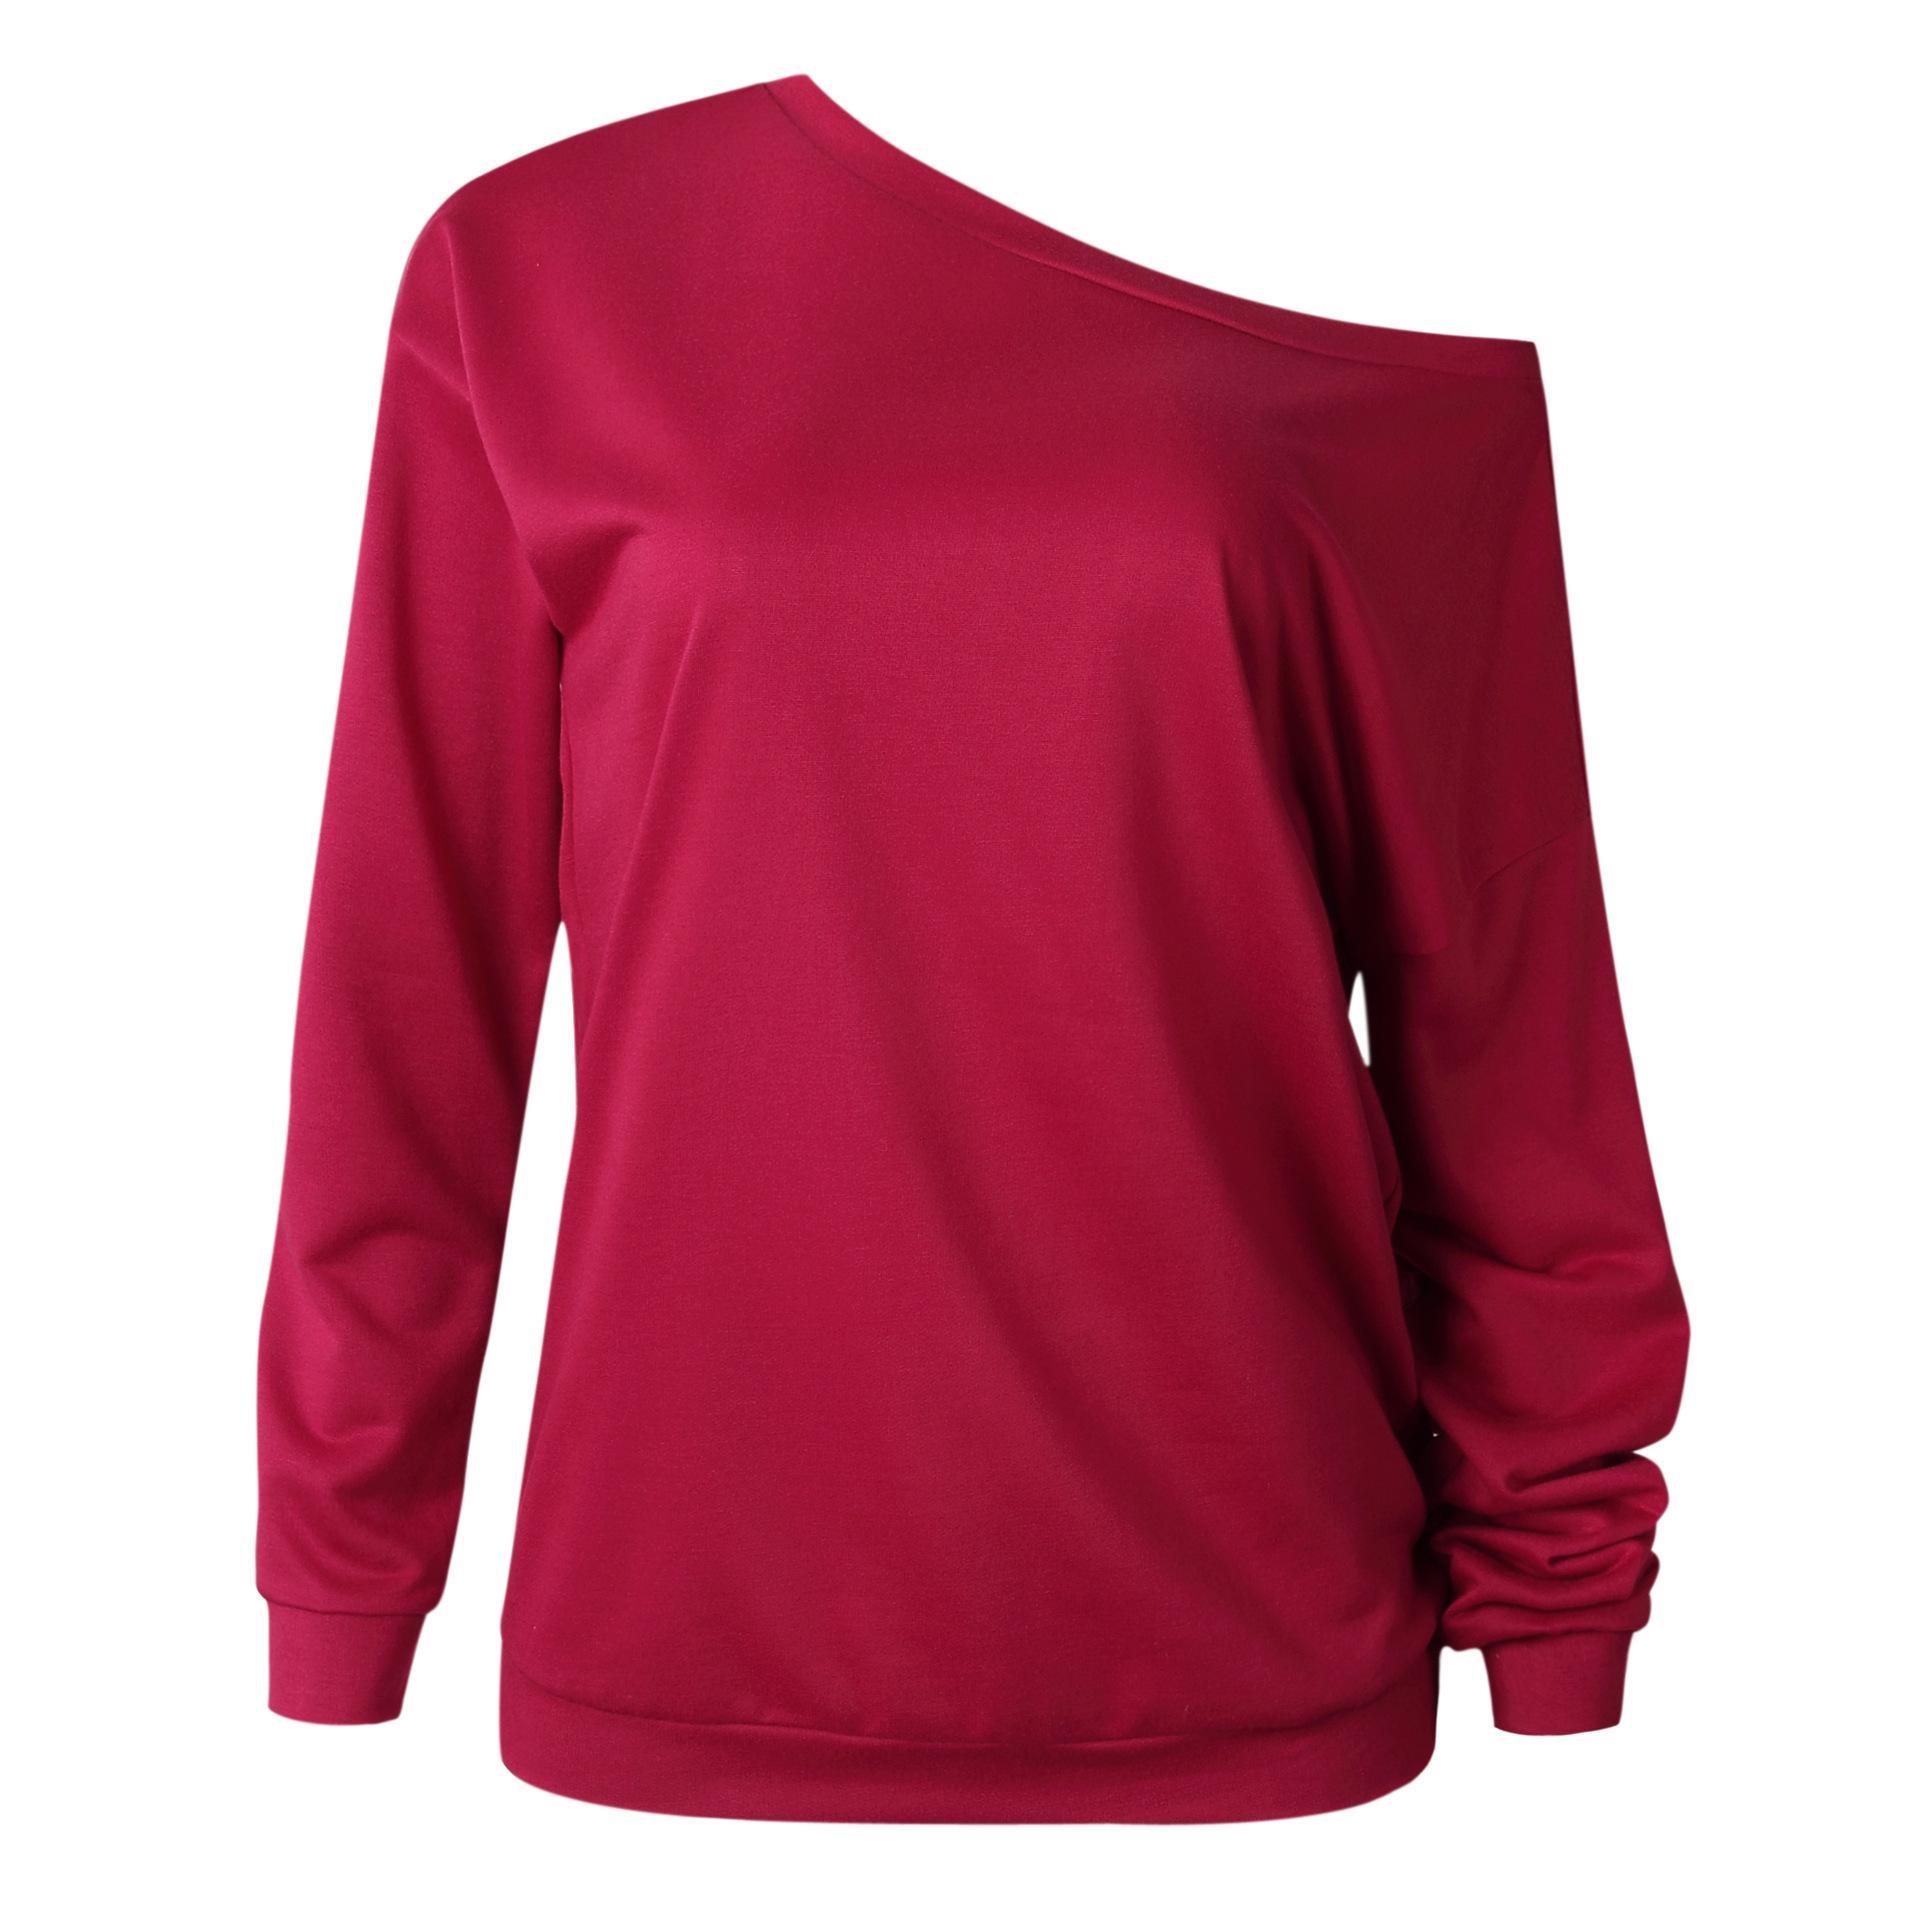 Oferta de diseño de moda Ropa T Sudaderas Camisa al por mayor Materiales Materiales Cómodo Diseño Hombro 2021 Mujer Algodón Cyrinc06 KPJMO